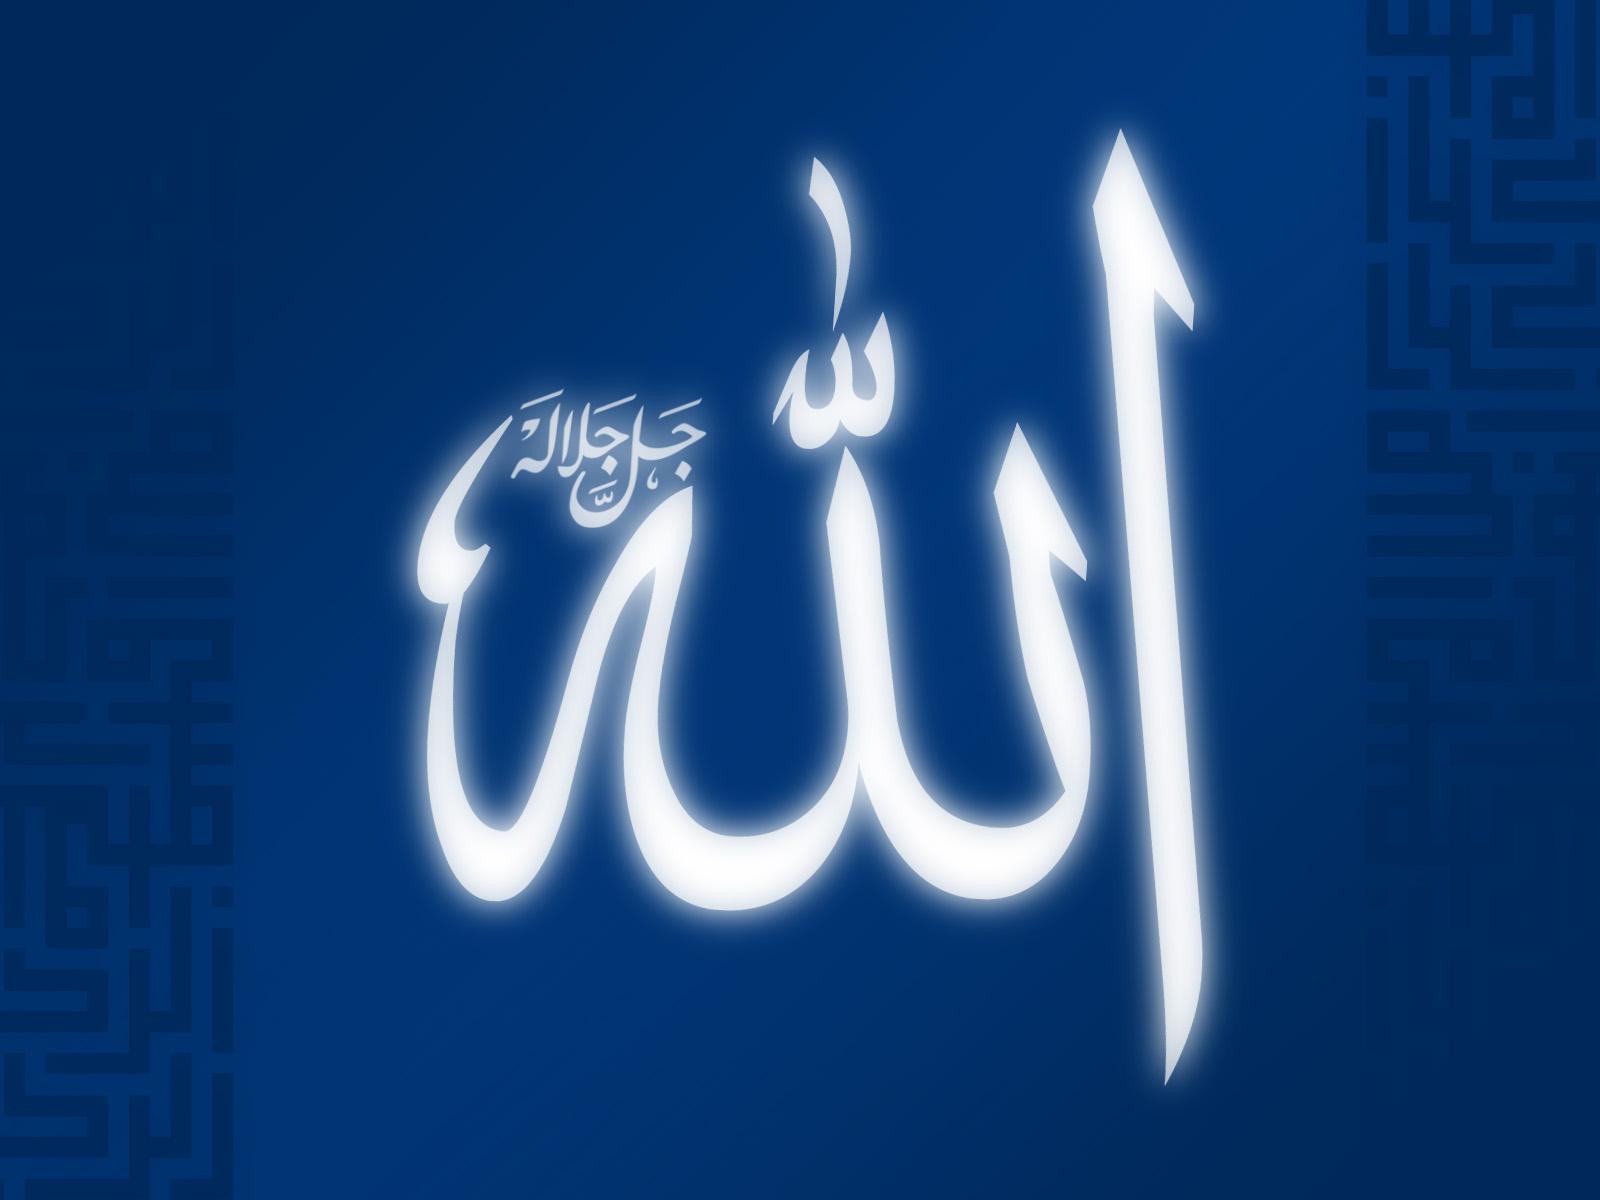 **A Savoir qu'avec chaque homme, il y a un démon, par Ibn al-Jawzi (rahimoullah)**